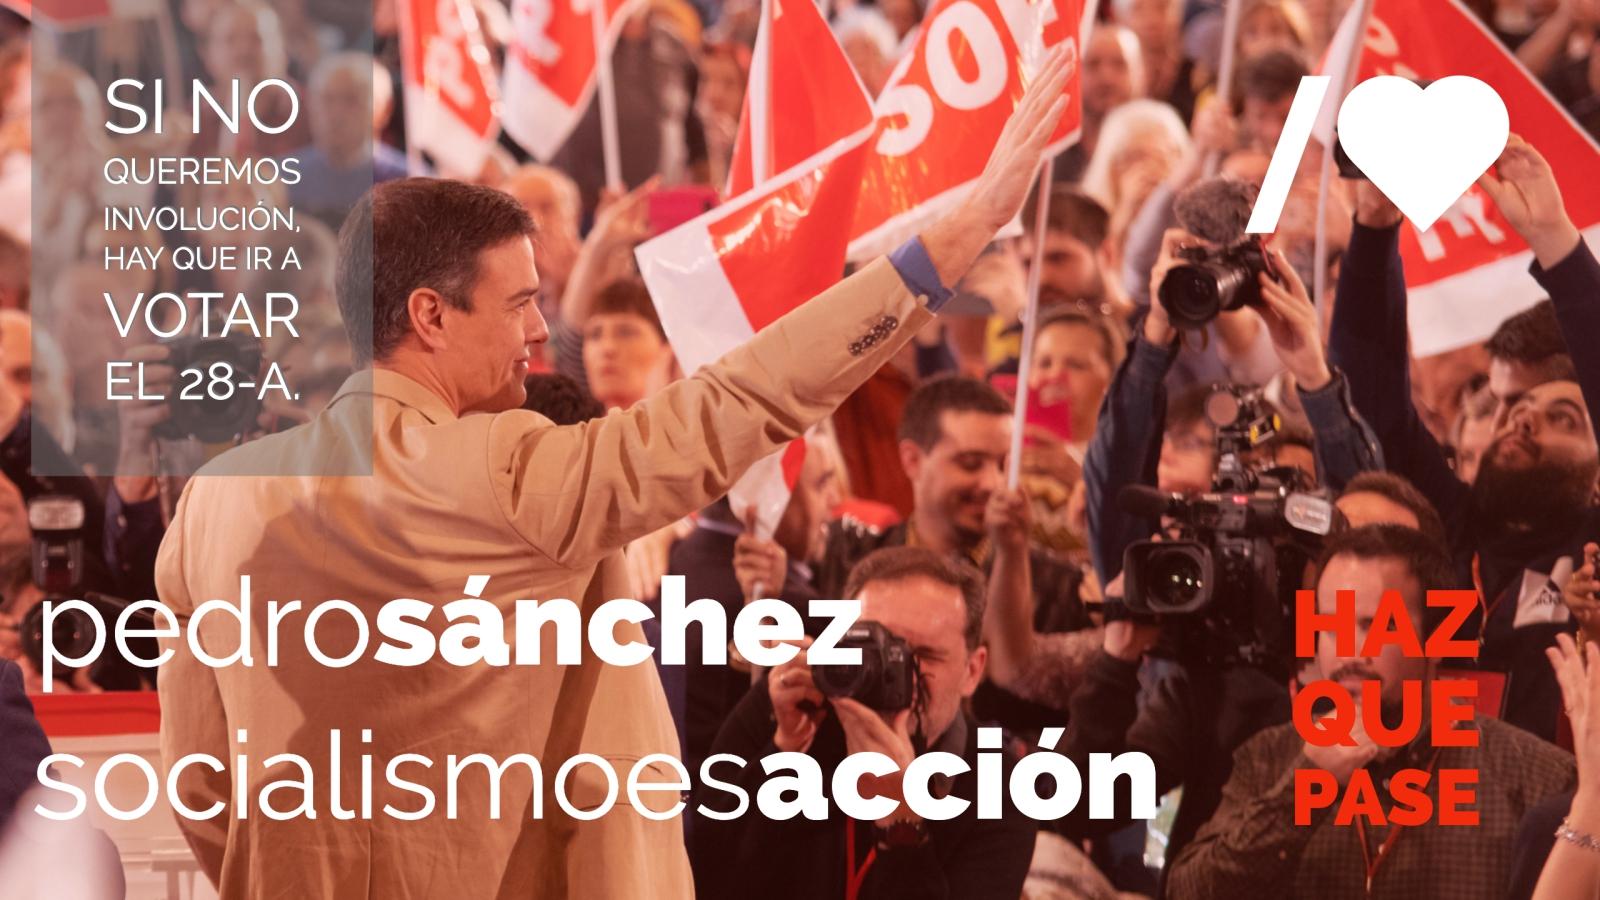 """Pedro Sánchez: """"En 10 meses hemos hecho política para las personas"""" mientras """"las tres siglas de la derecha solo ofrecen corrupción, confrontación y desigualdad"""""""